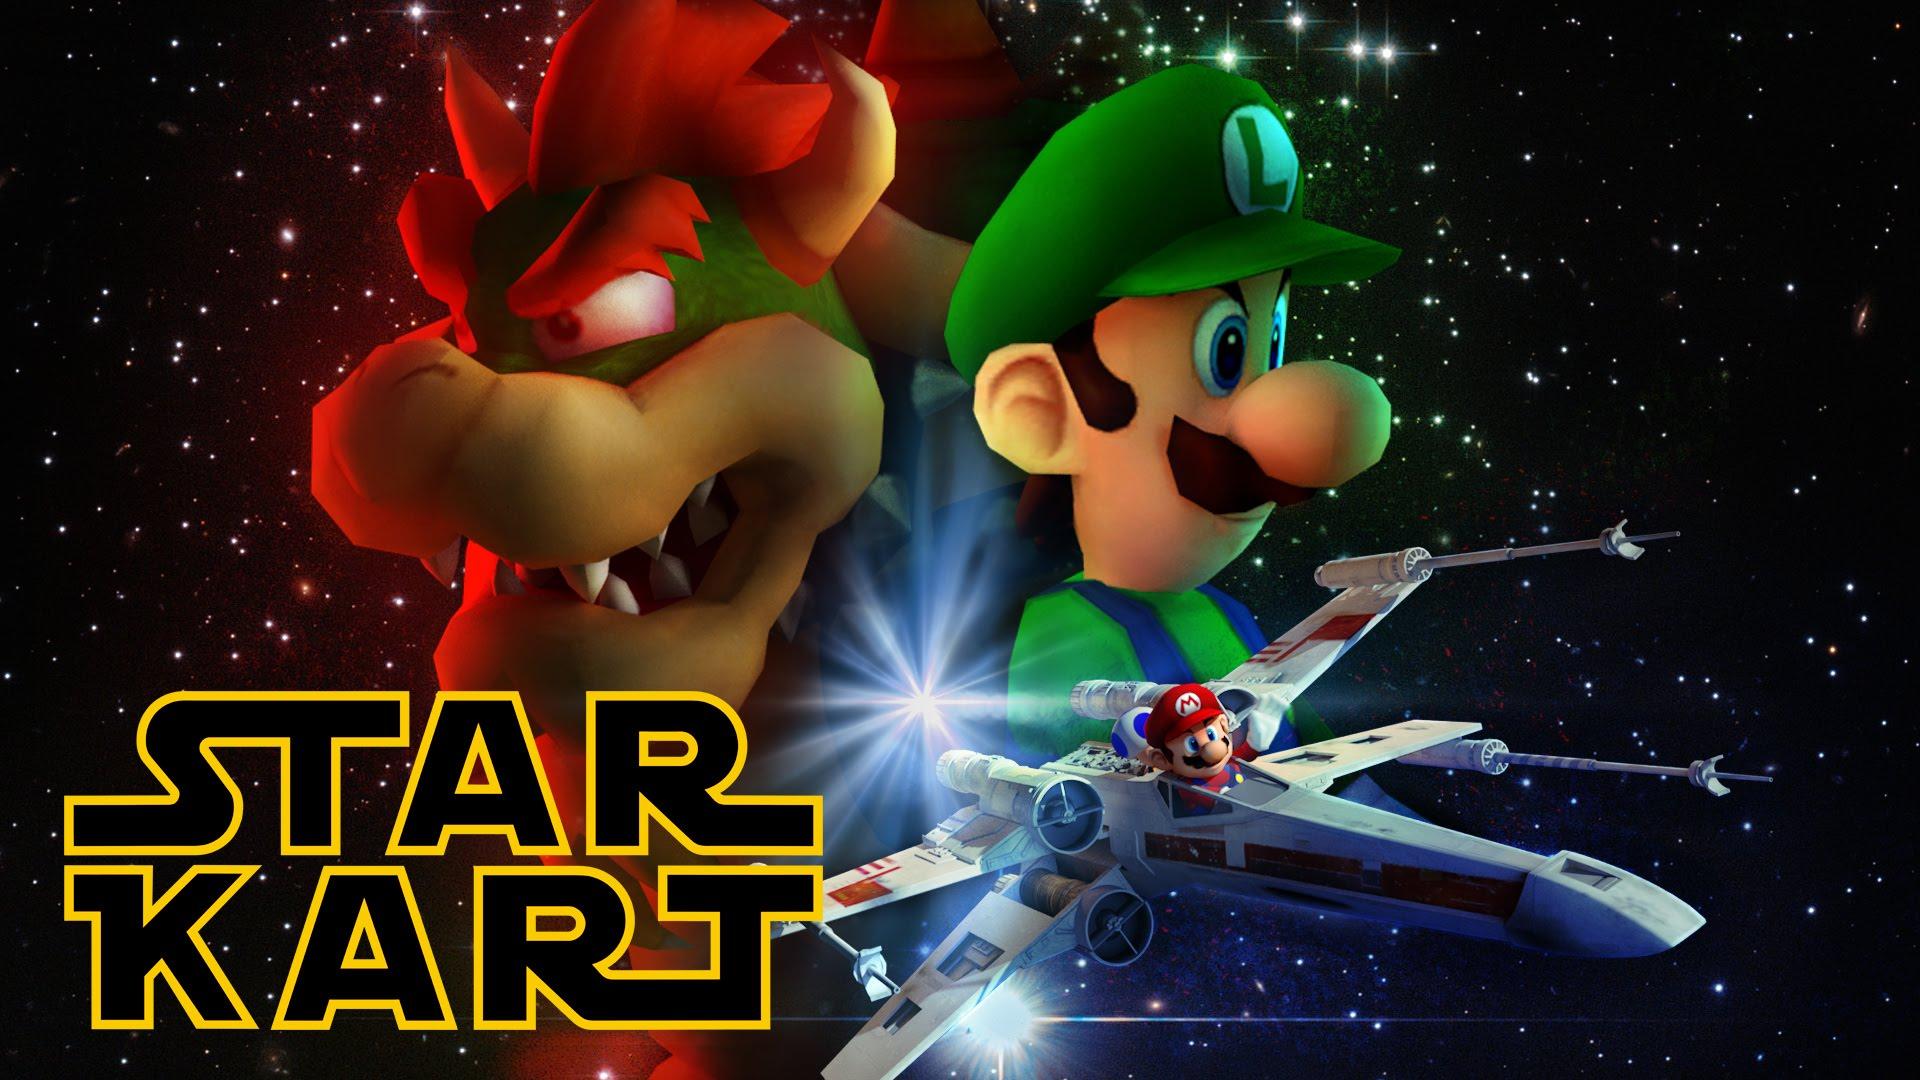 Star Wars Mario Kart Mashup